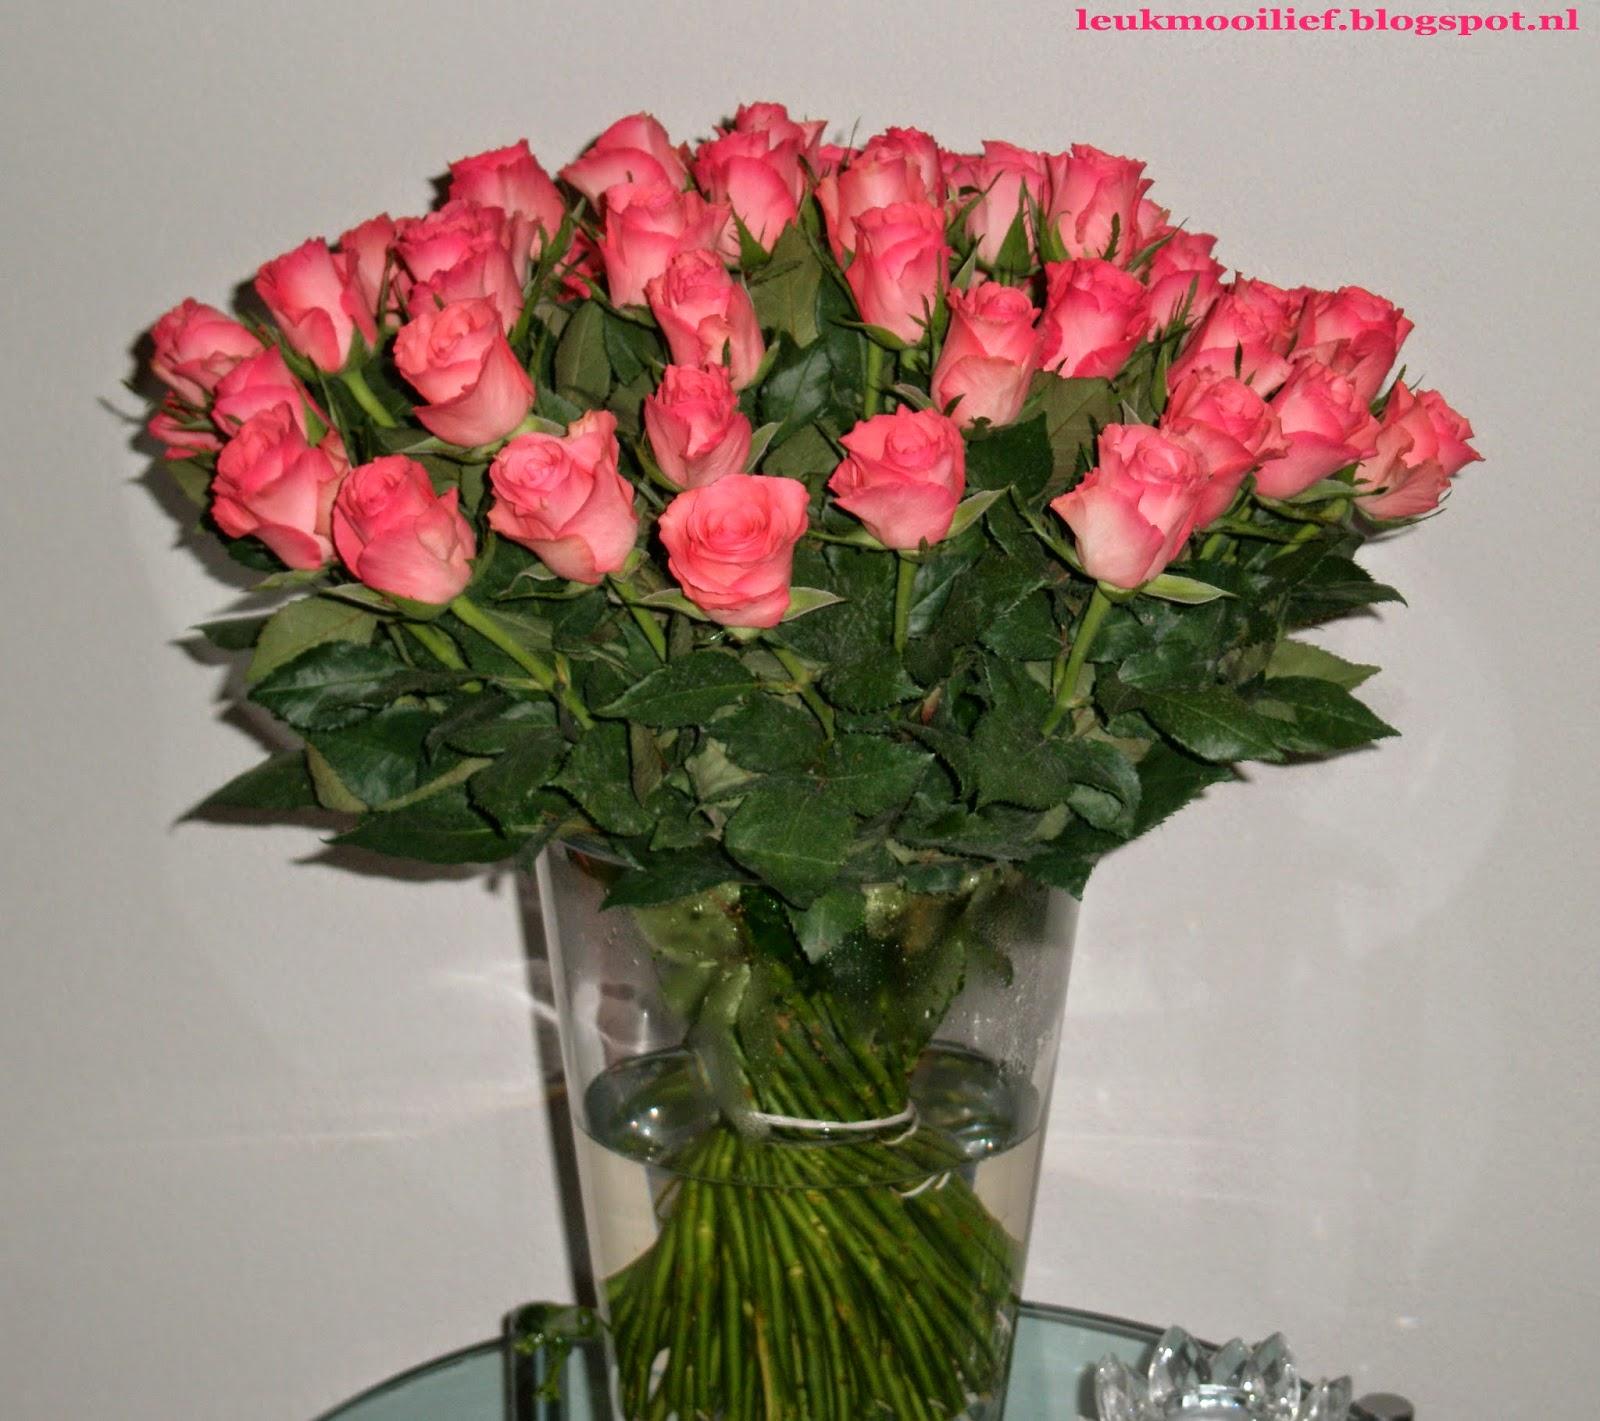 Rozen In Vaas.Leuk Mooi Lief Romantische Rozen